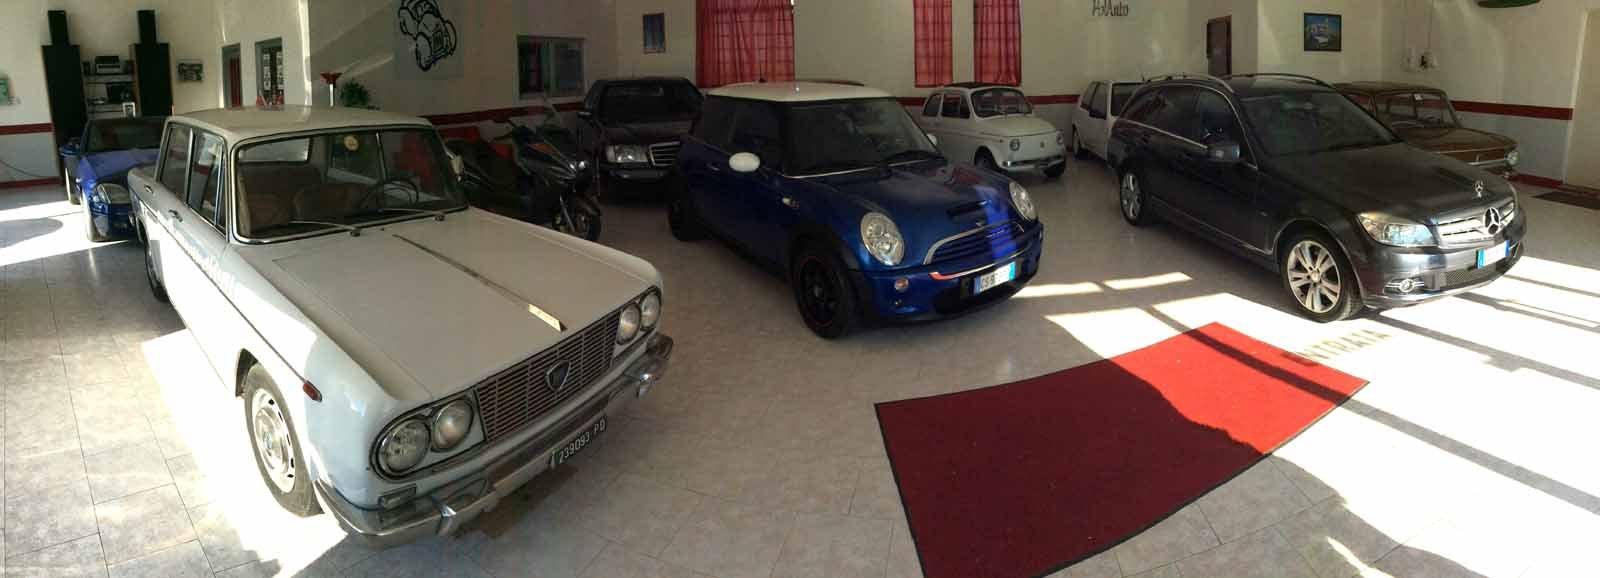 Tre auto d'epoca